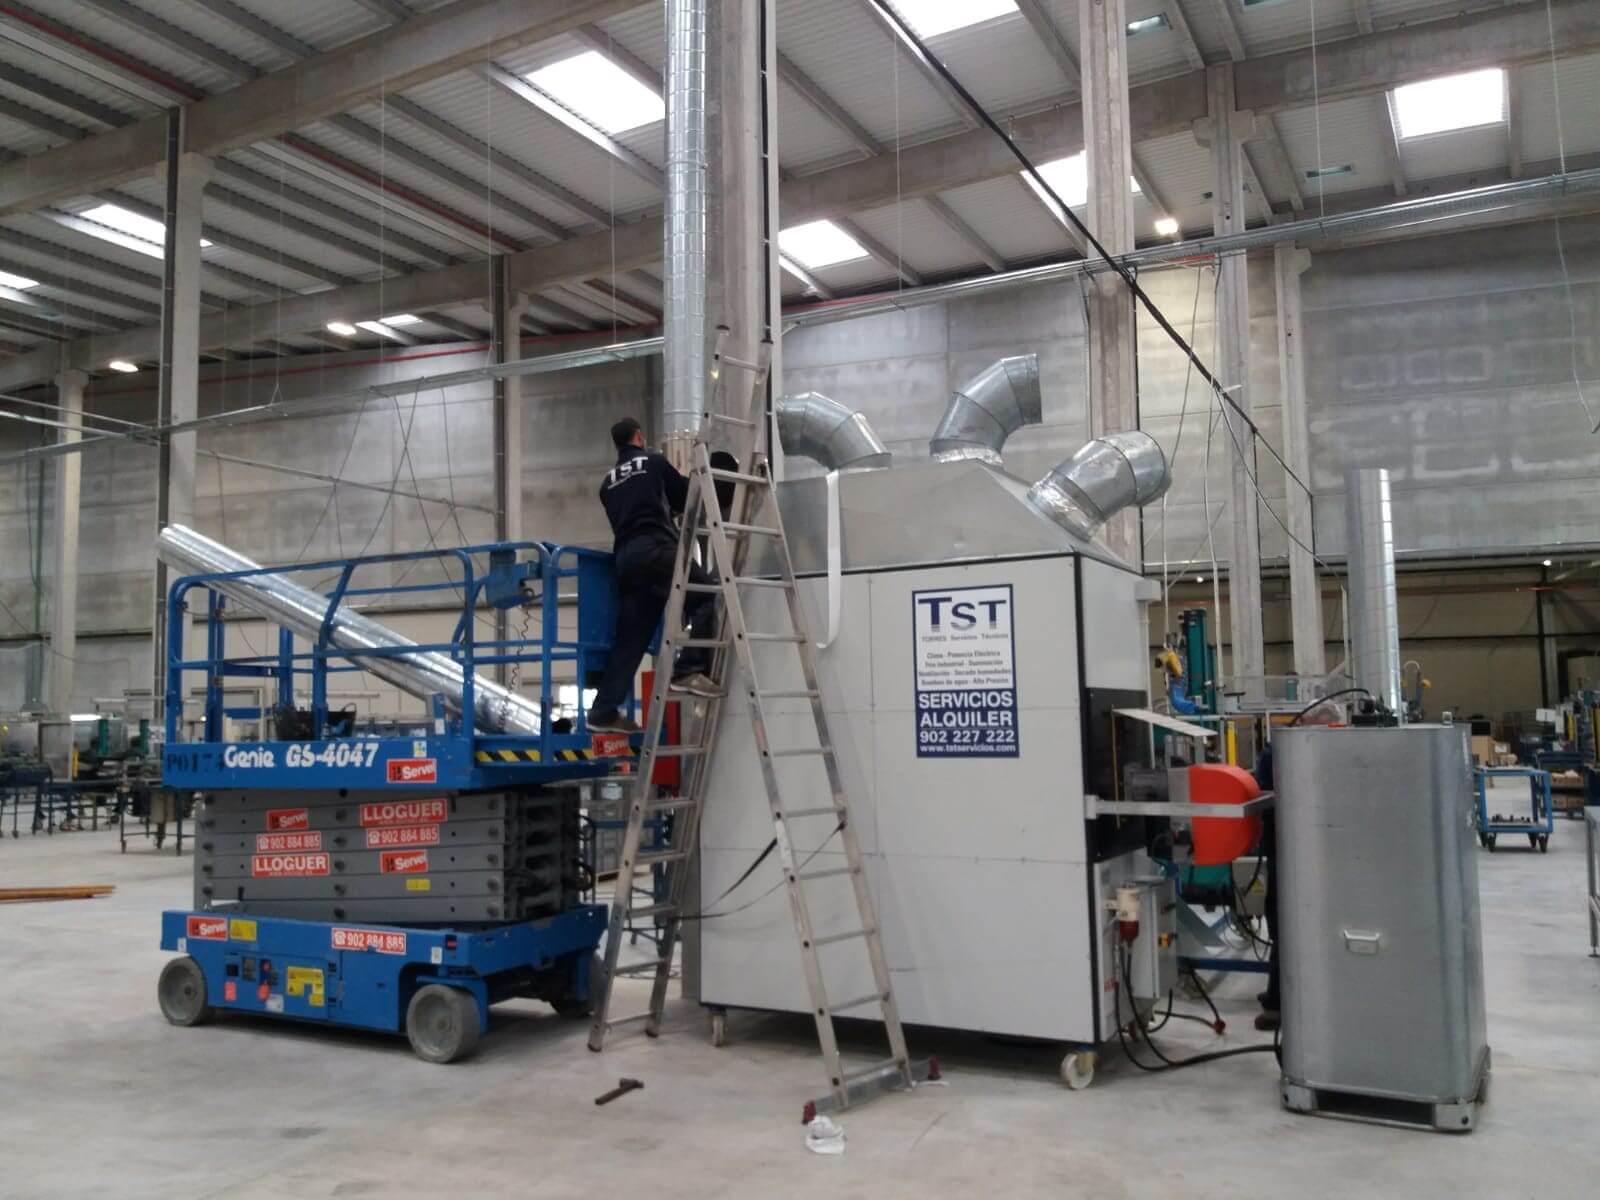 Técnico TST - Climatización para grandes espacios